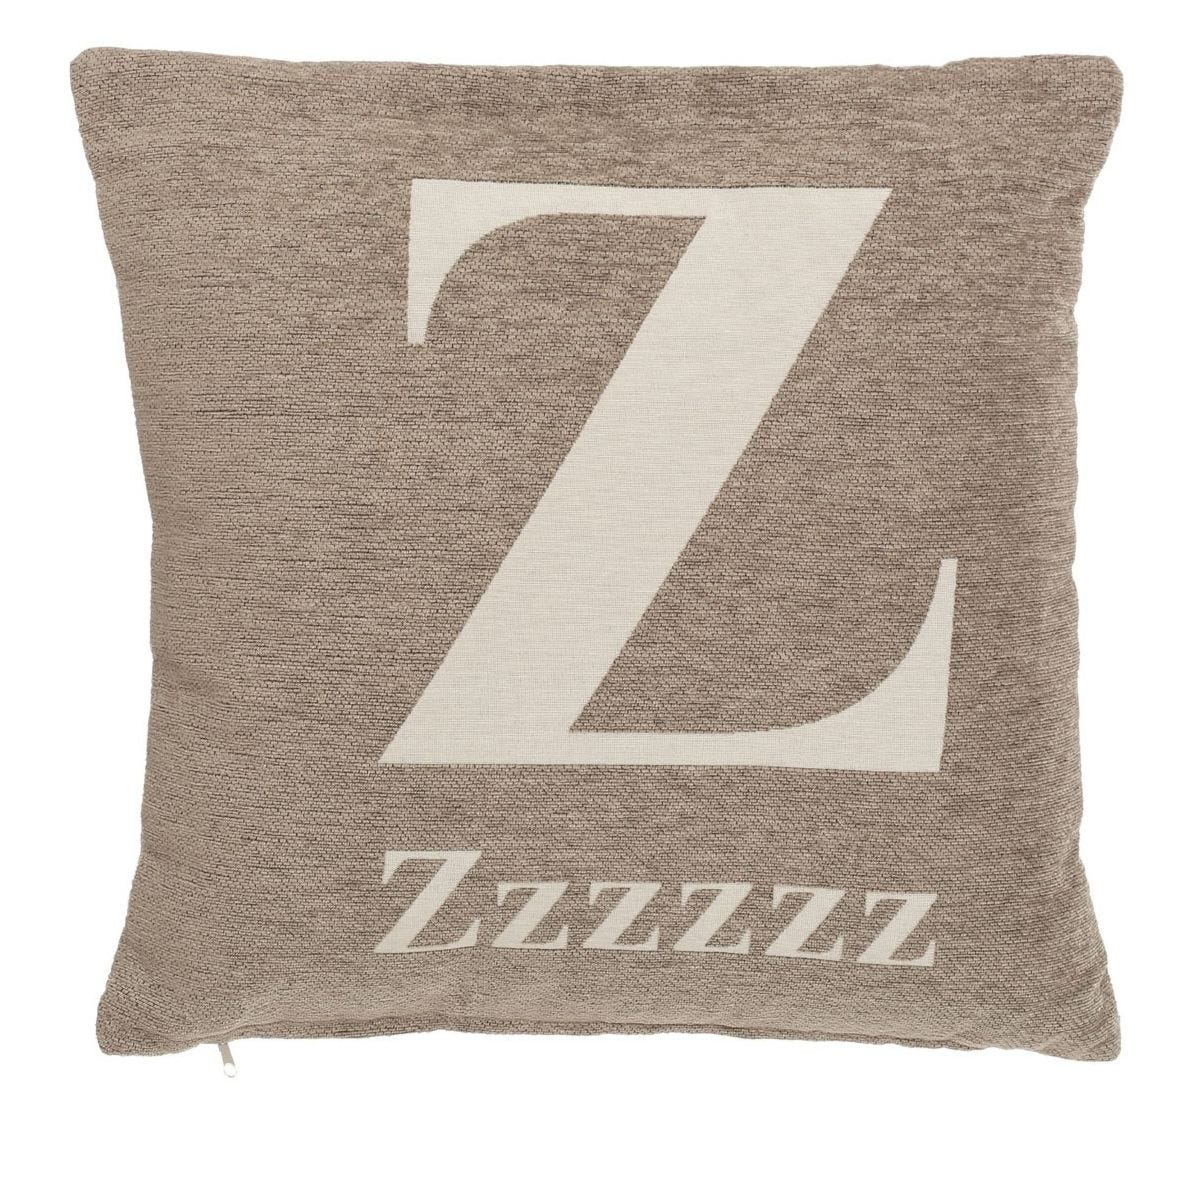 Premier Housewares 'zzzzzz' Cushion - Natural